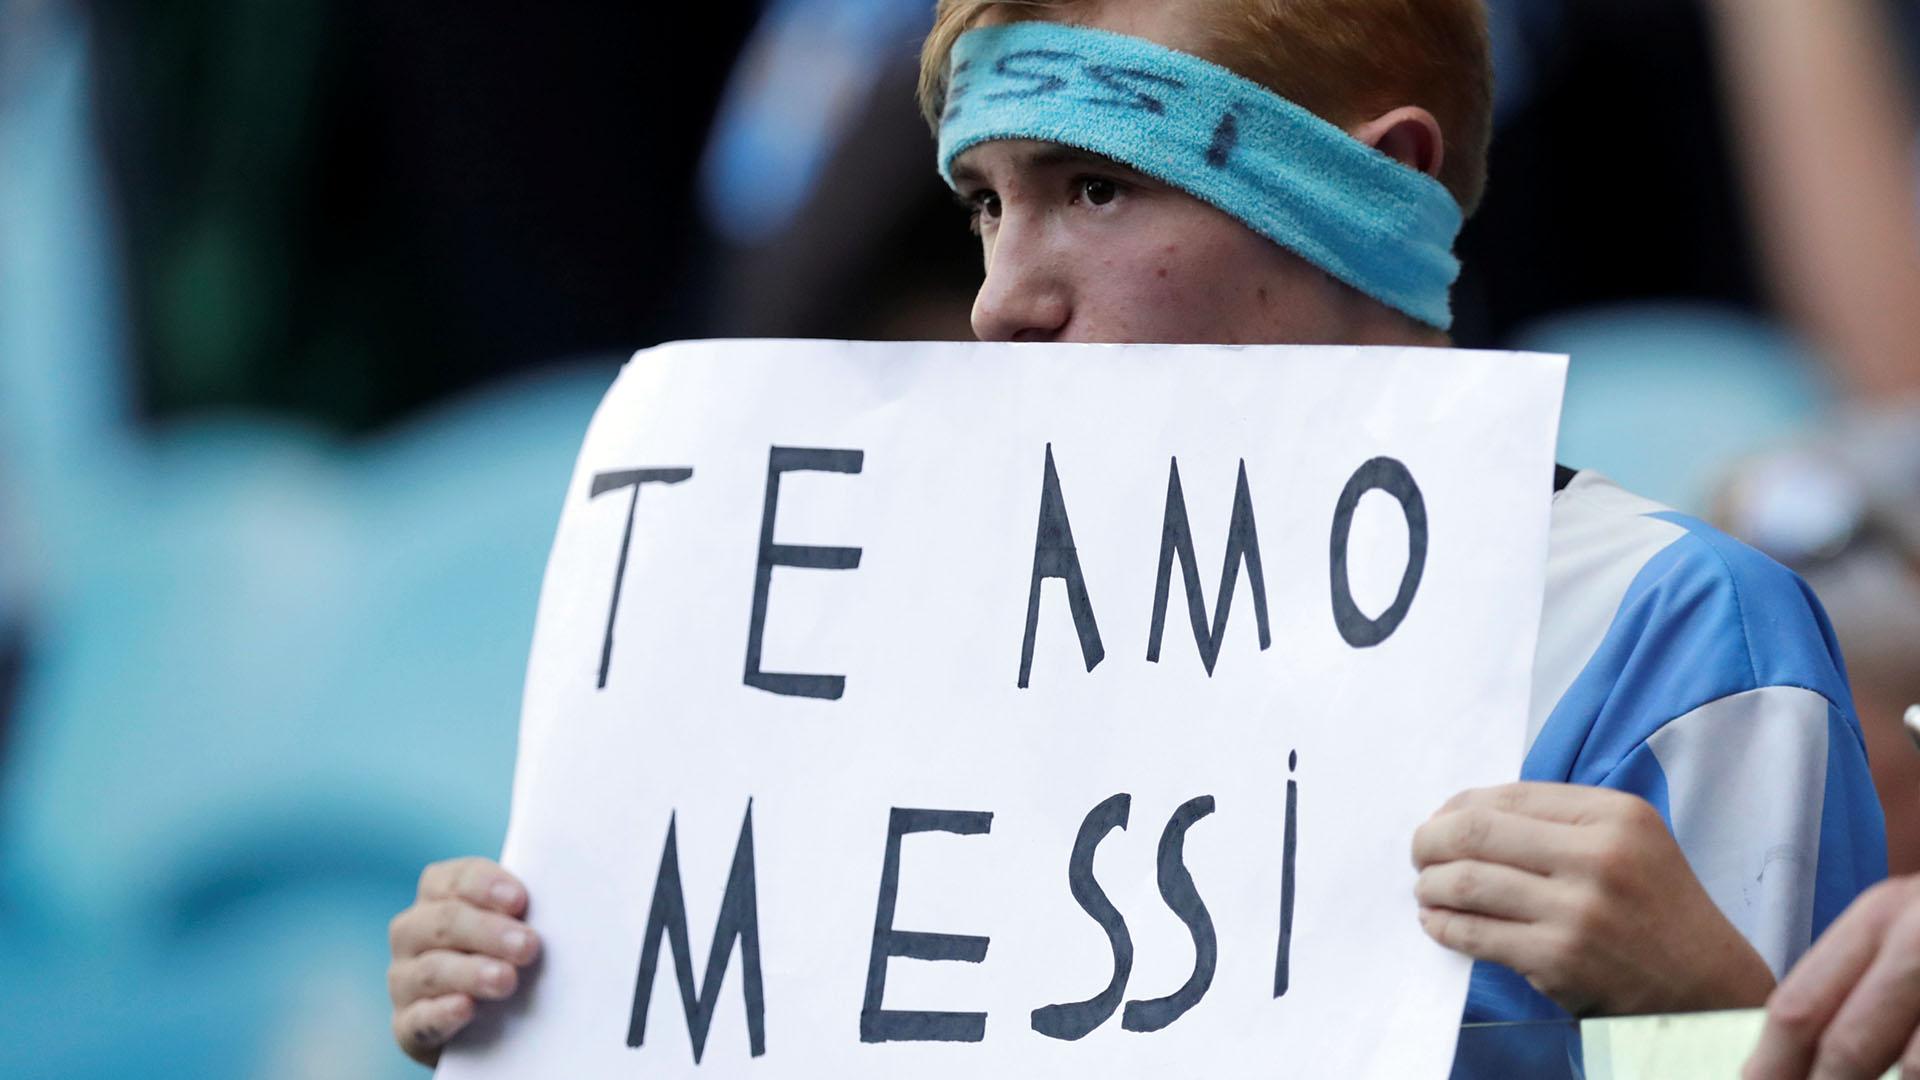 El capitán de la Selección recibió todo el apoyo y el cariño de los fanáticos en el estadio